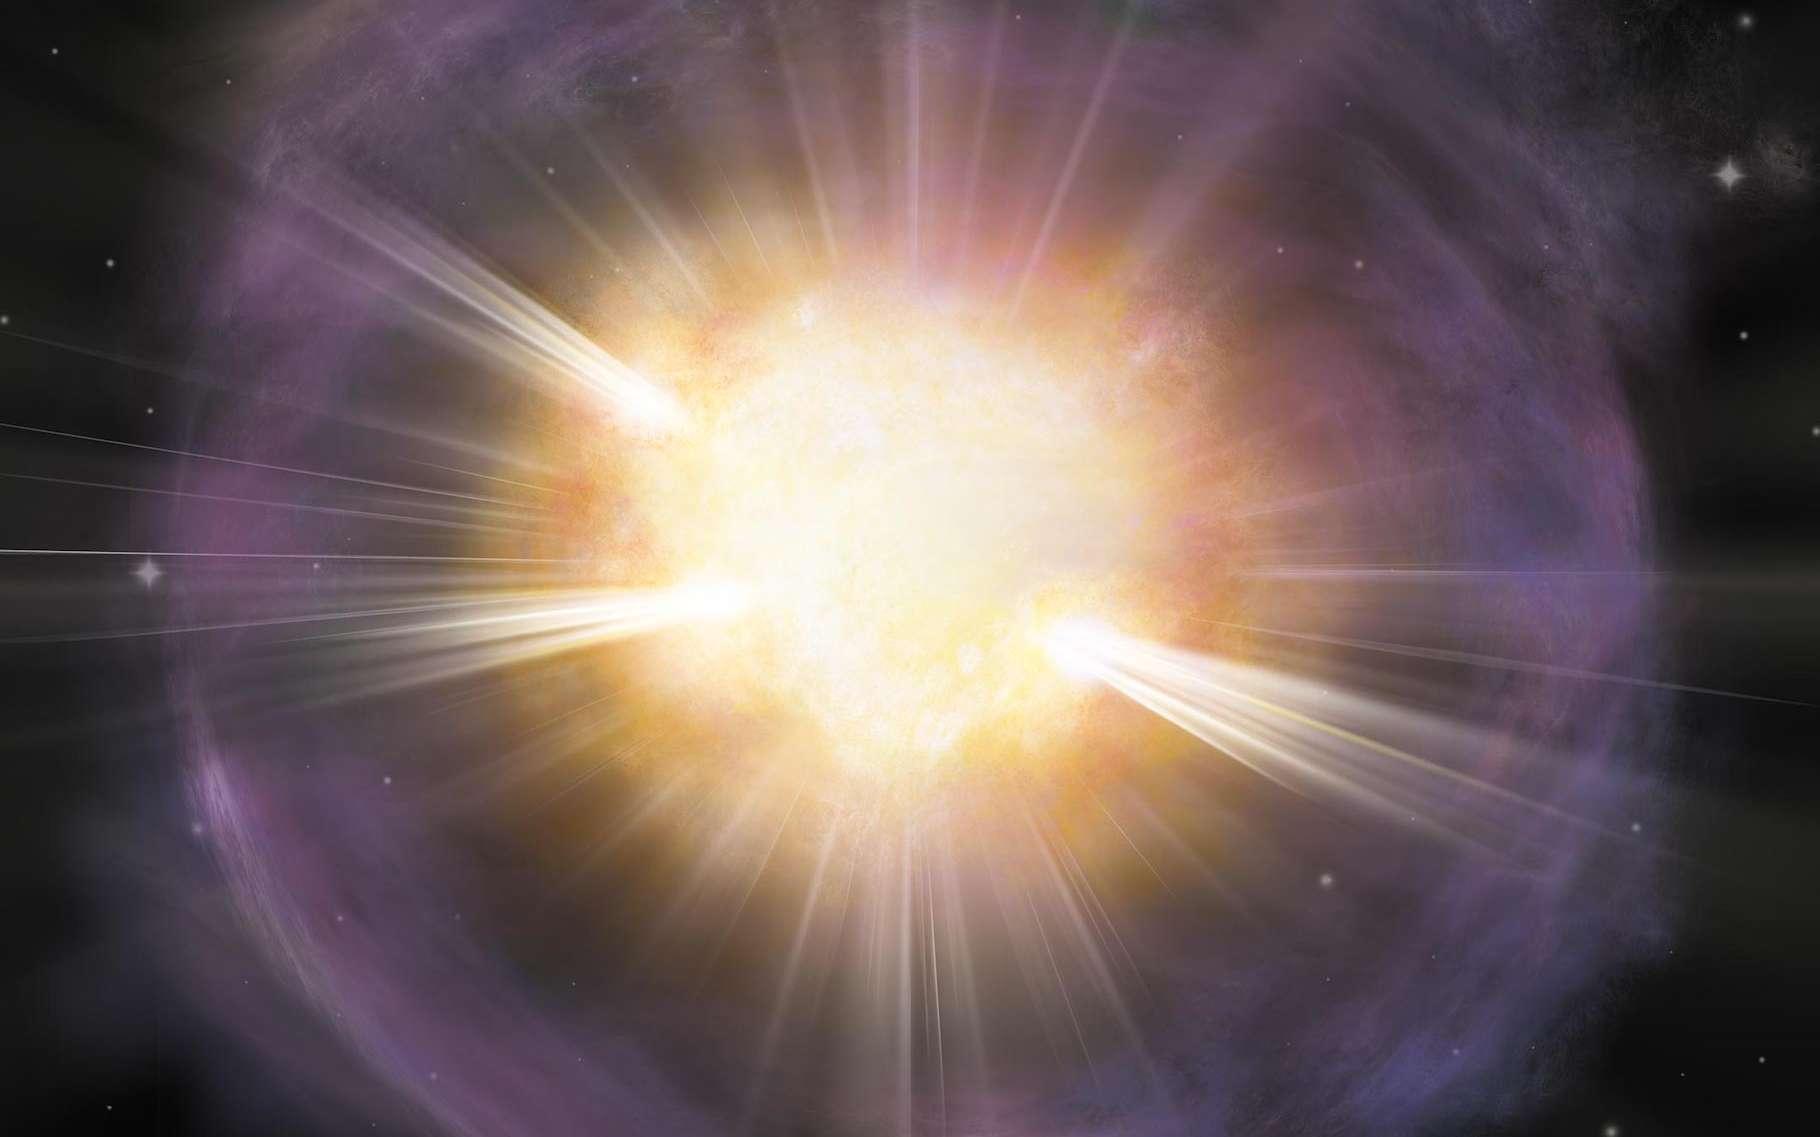 Des chercheurs expliquent comment l'explosion d'une étoile en supernova peut produire le calcium essentiel à nos os. Sur cette vue d'artiste, la supernova SN 2019ehk. Le matériau riche en calcium apparaît en orange. En violet, une couche de gaz rejetée par l'étoile juste avant son explosion. © Aaron M. Geller, Université Northwestern